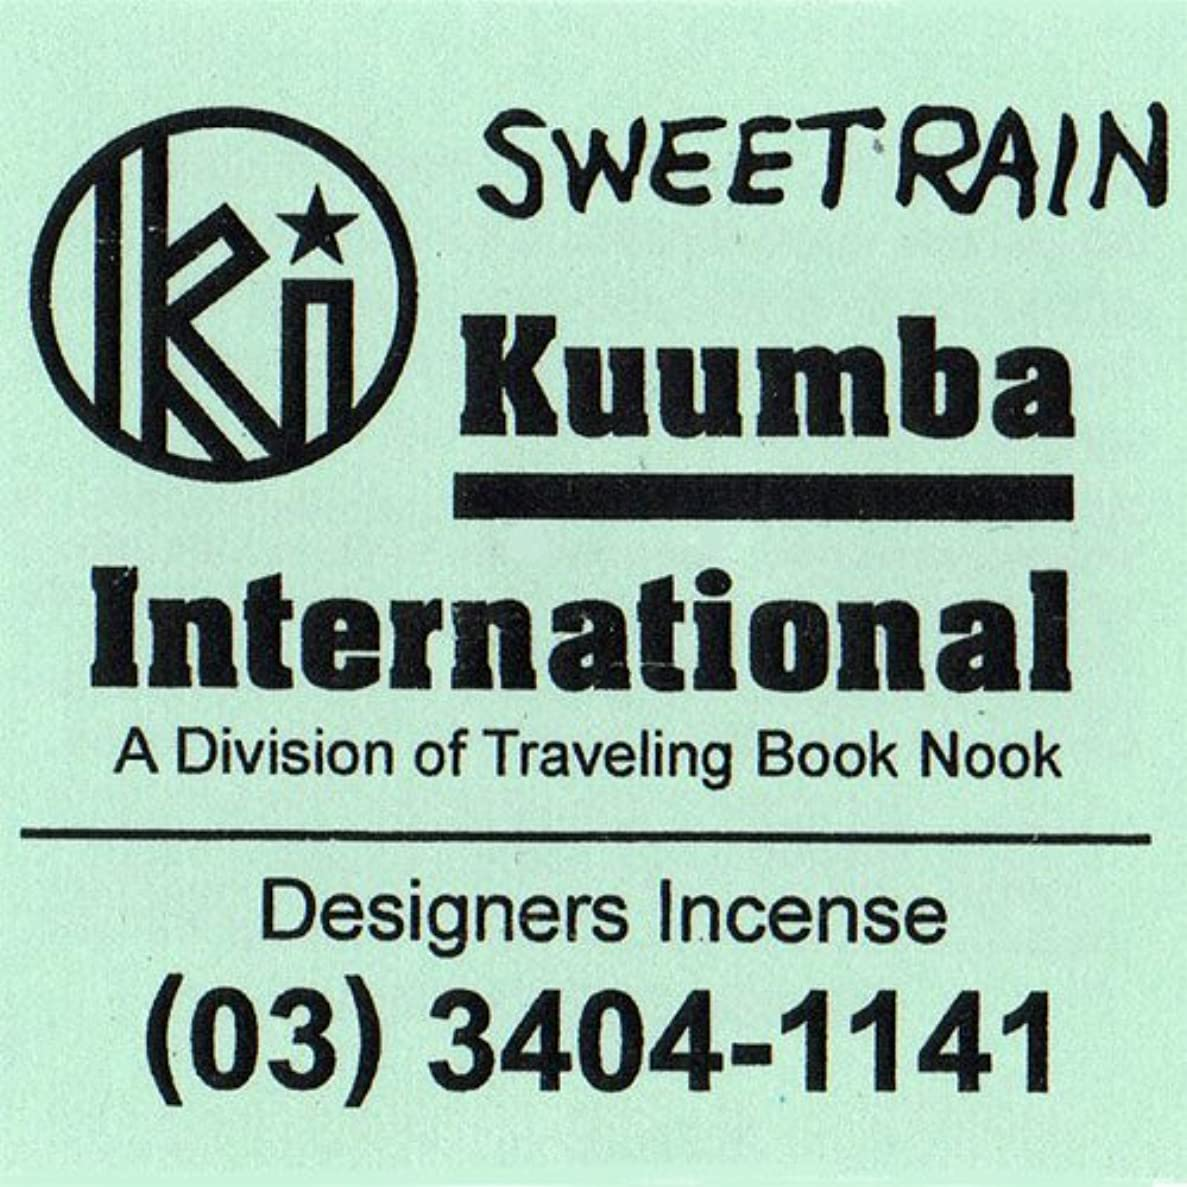 起こりやすい全部美しい(クンバ) KUUMBA『incense』(SWEET RAIN) (Mini size)